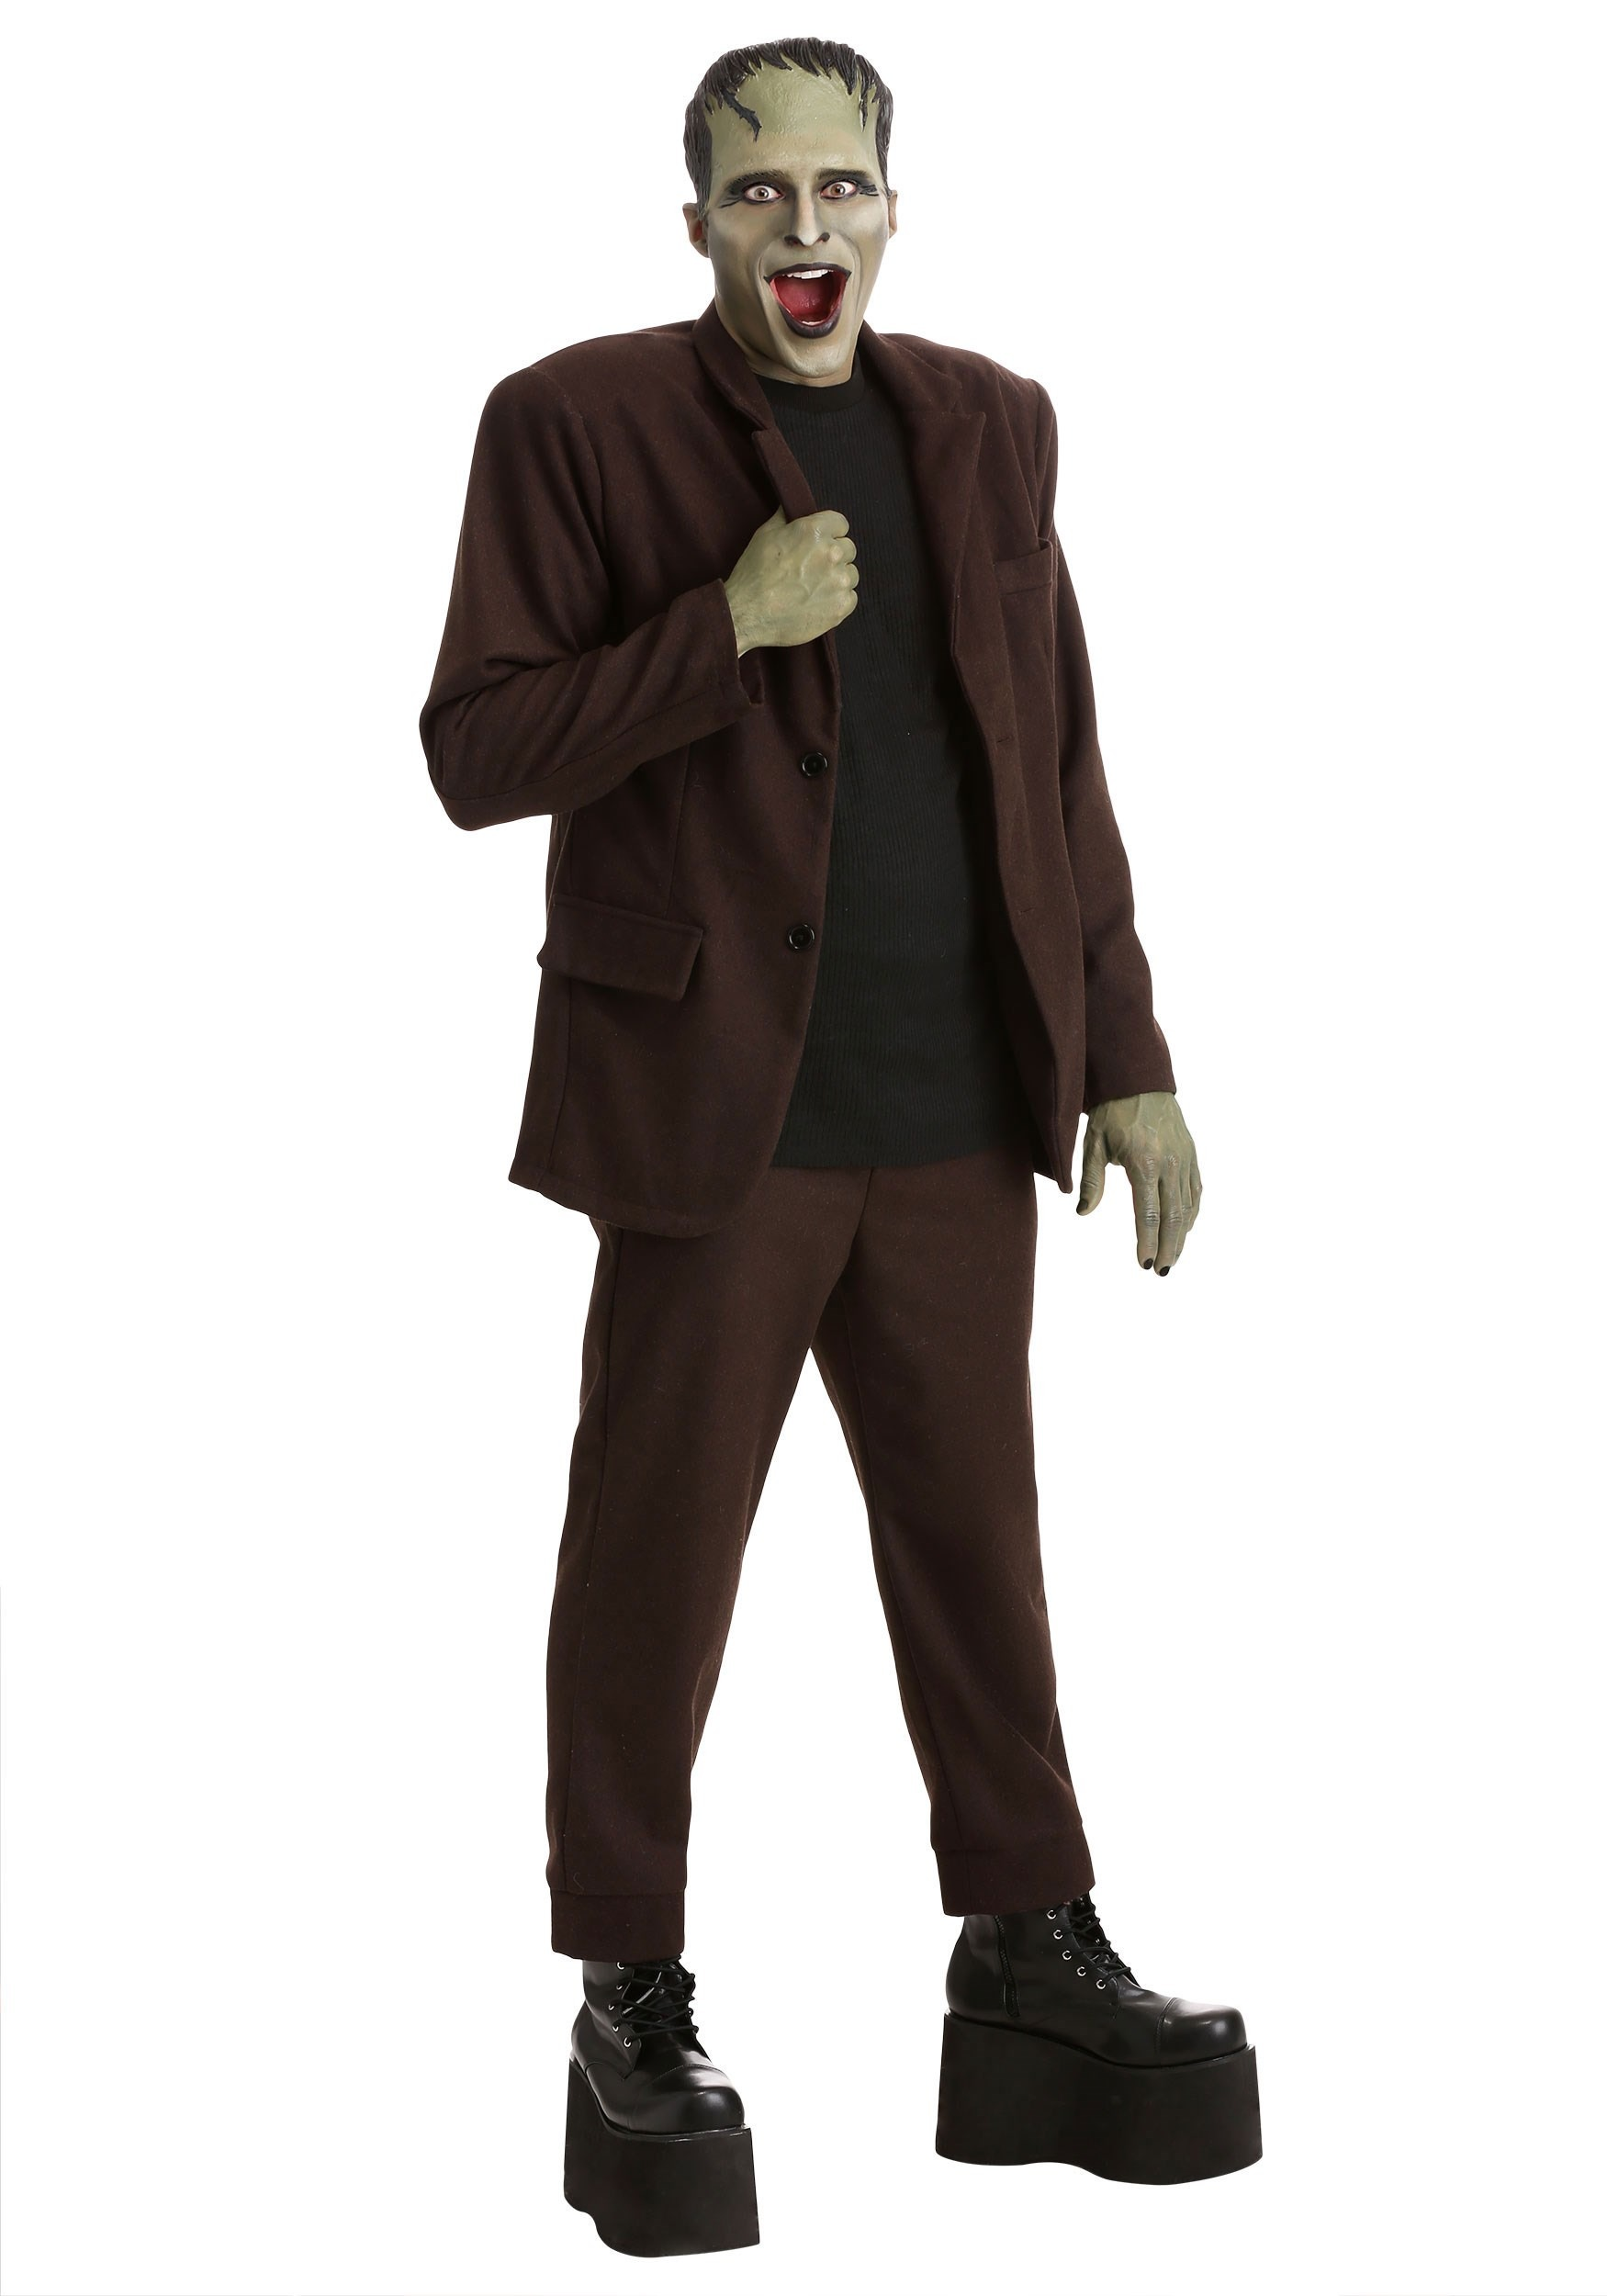 Men's The Munster's Herman Munster Costume